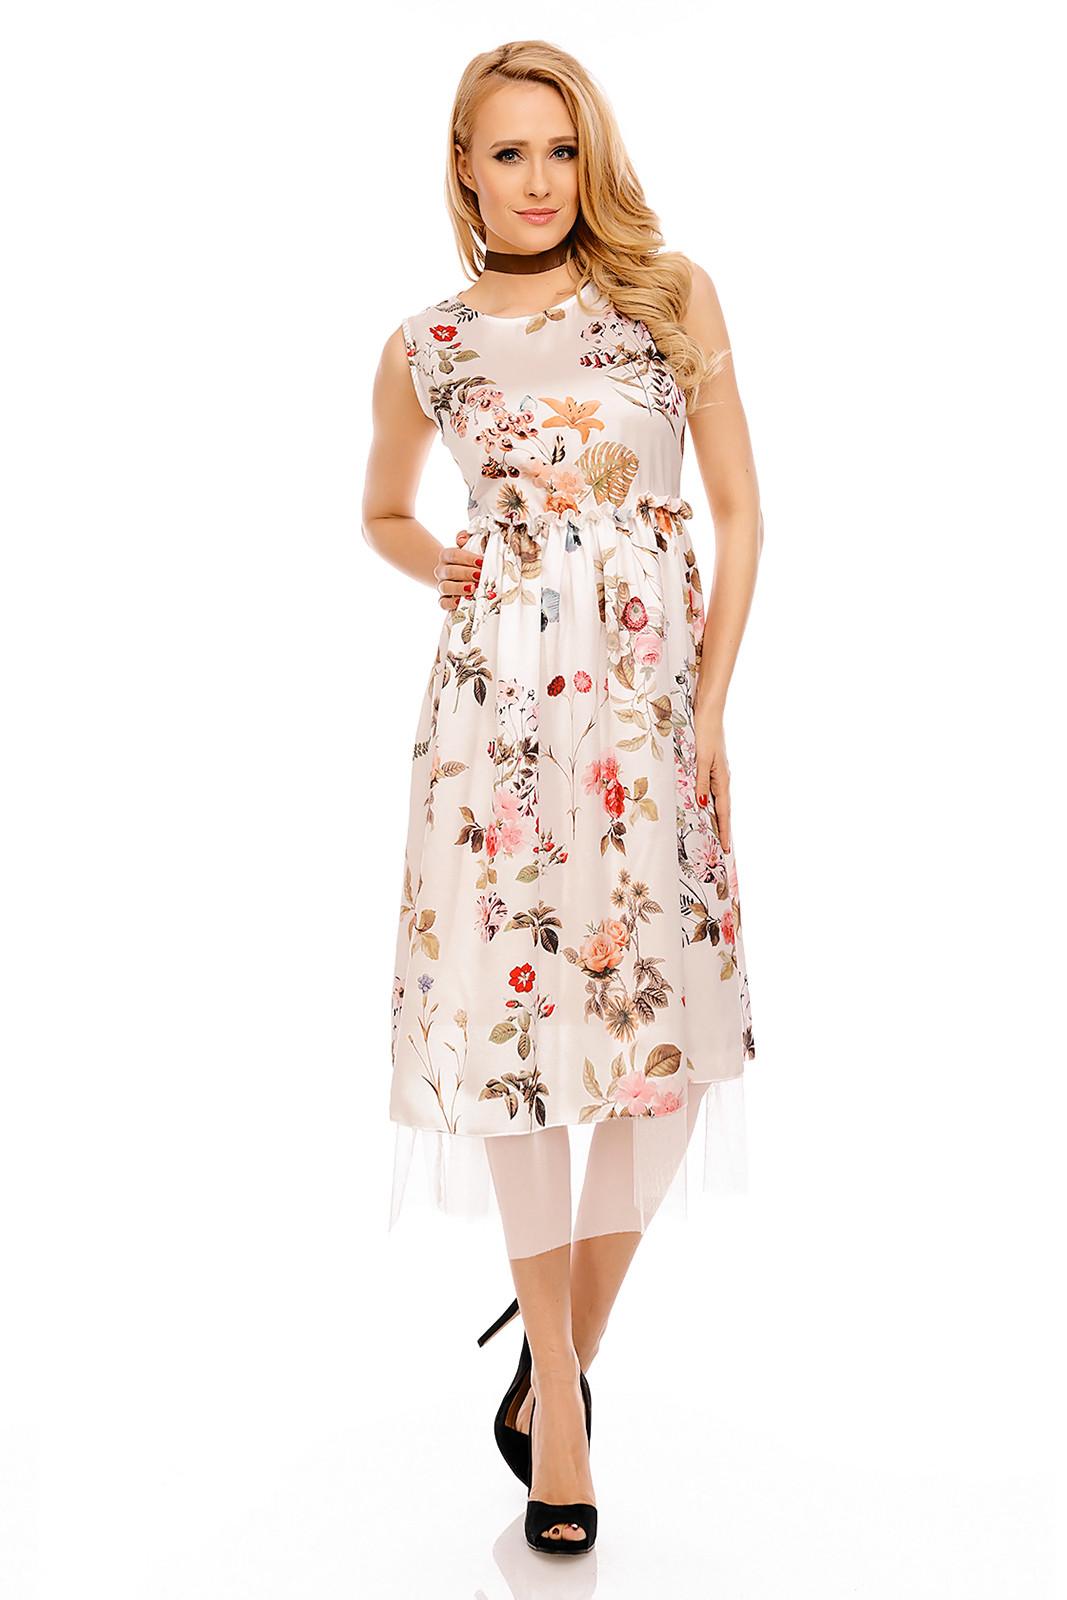 N778-23 Rochie midi cu elastic in talie si imprimeu floral